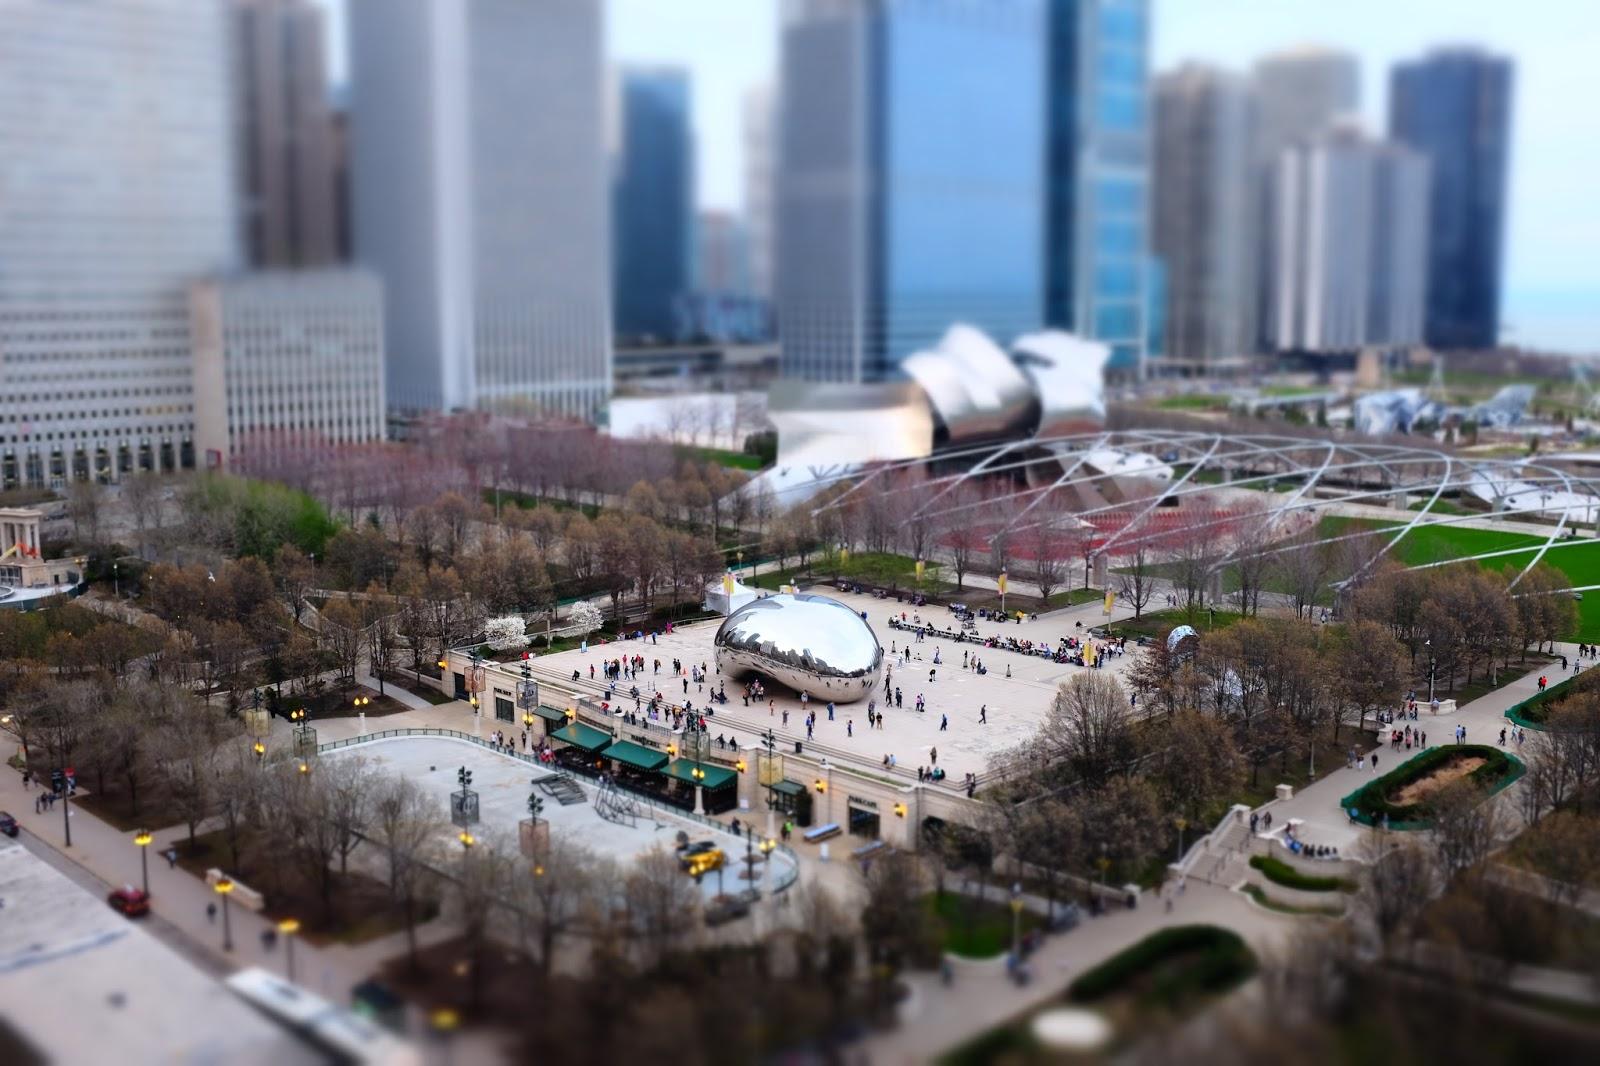 Le Chameau Bleu - Chicago et son Bean - Tourisme Chicago illinois USA